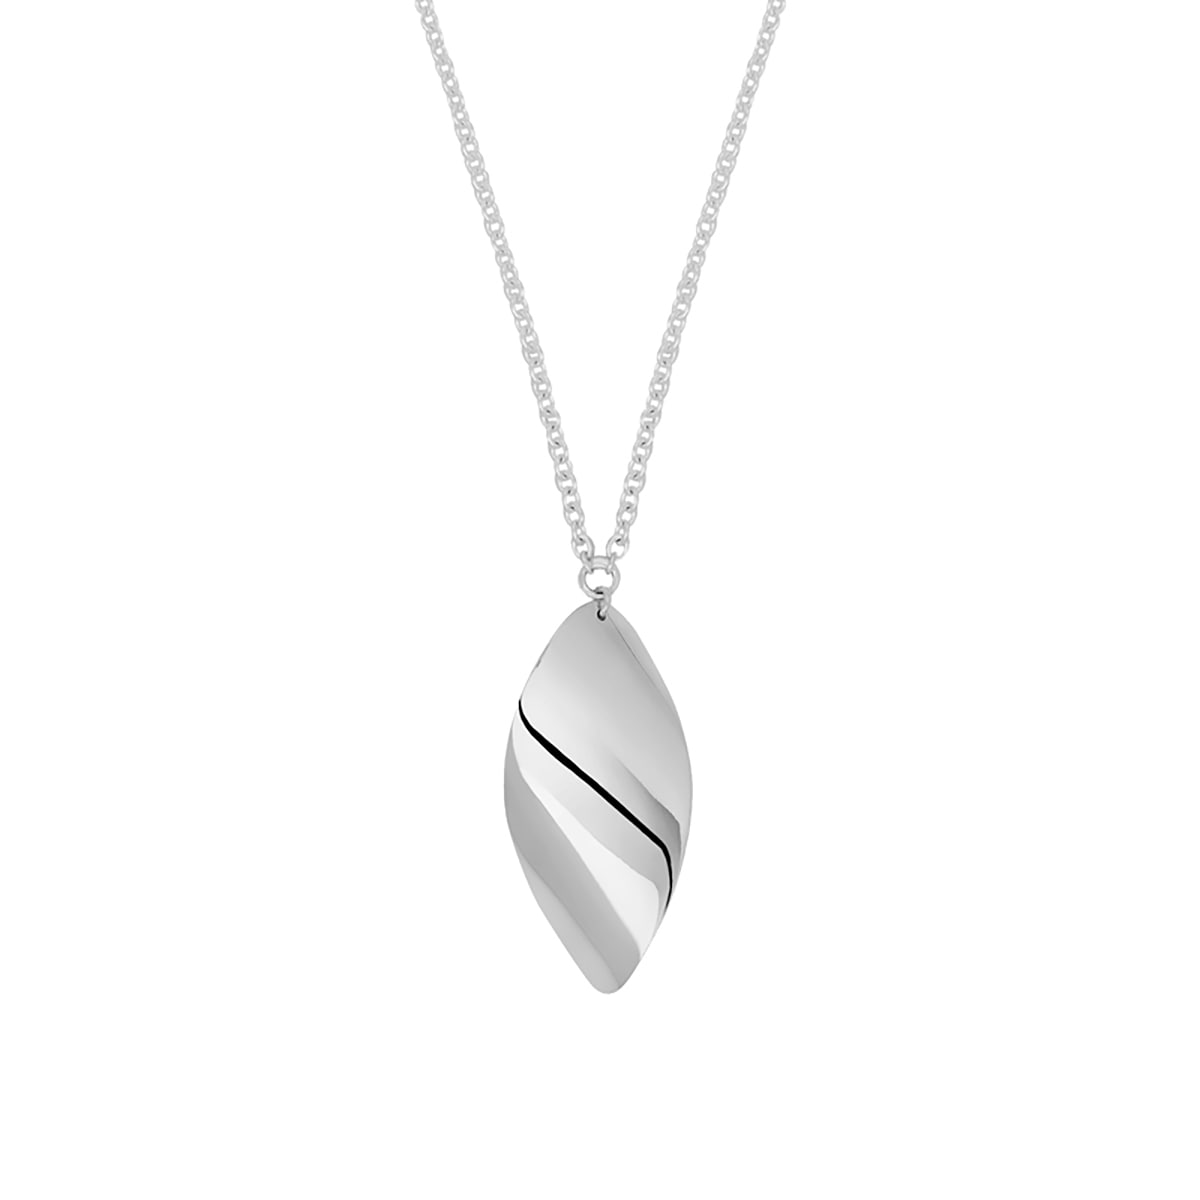 Drakenberg_Sjolin_Aqua-single-necklace-lq-white_hos_Jarl_Sandin